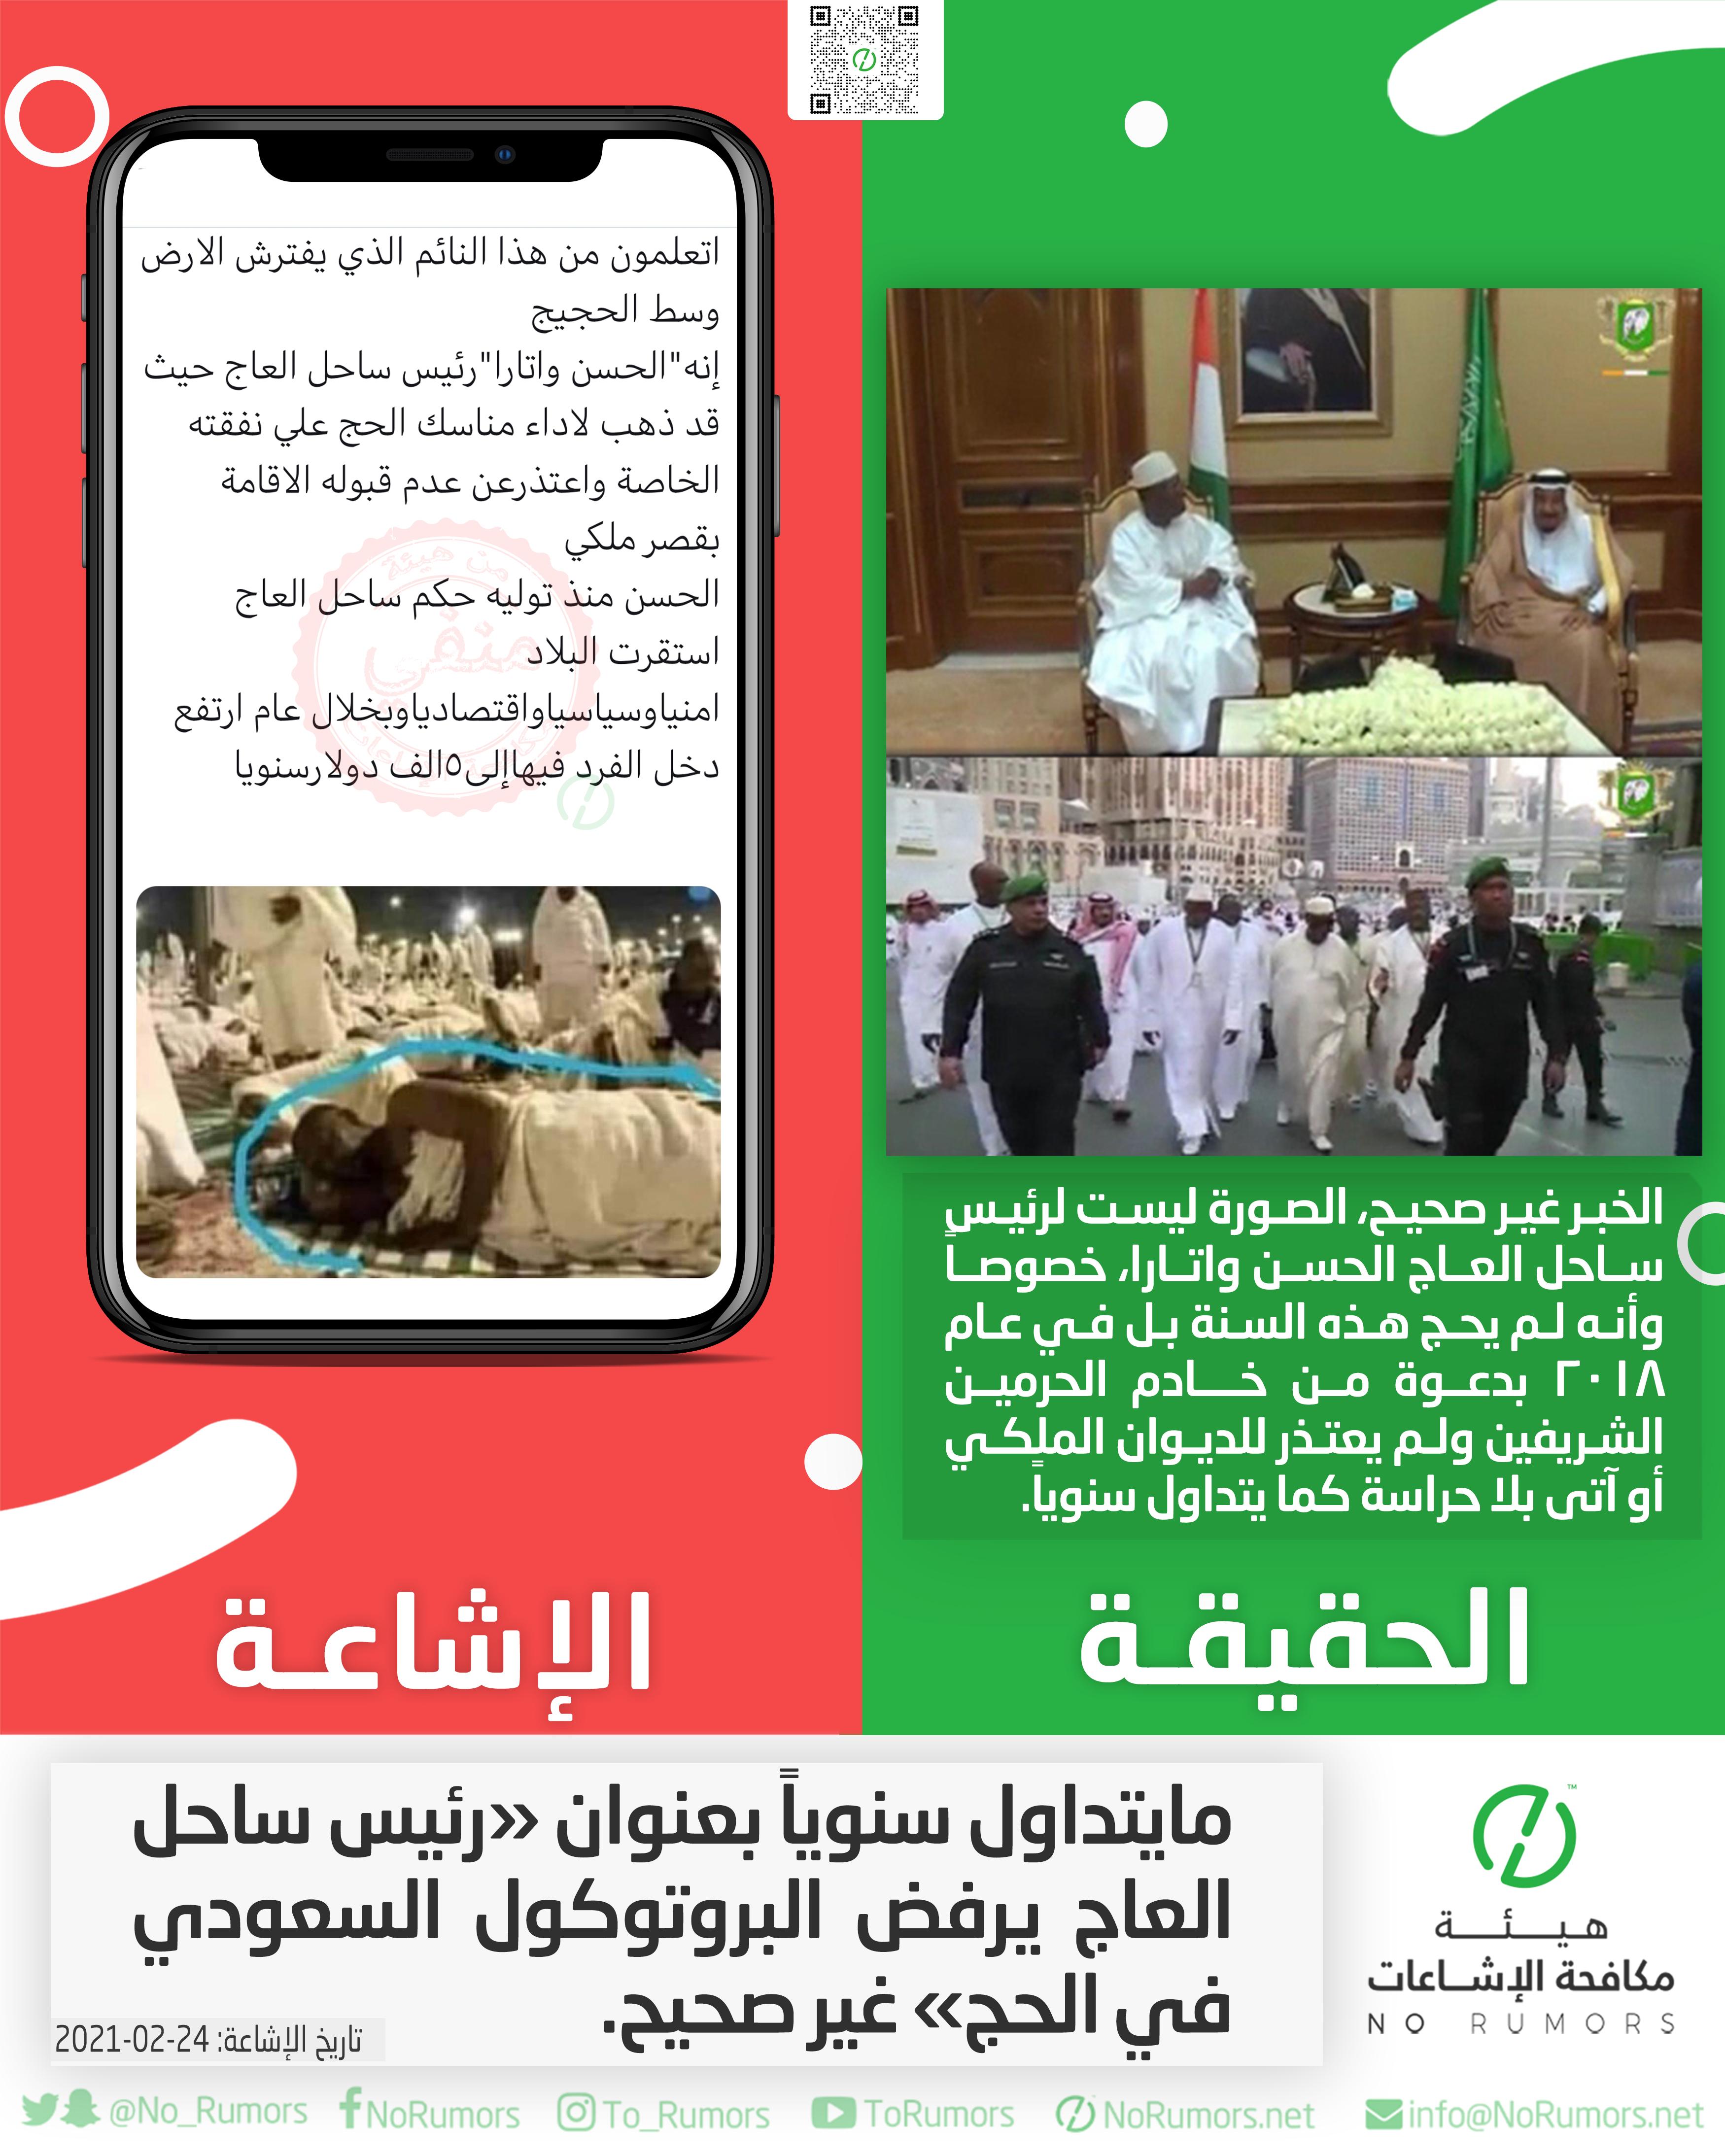 حقيقة مايتداول سنوياً بعنوان «رئيس ساحل العاج يرفض البروتوكول السعودي في الحج»